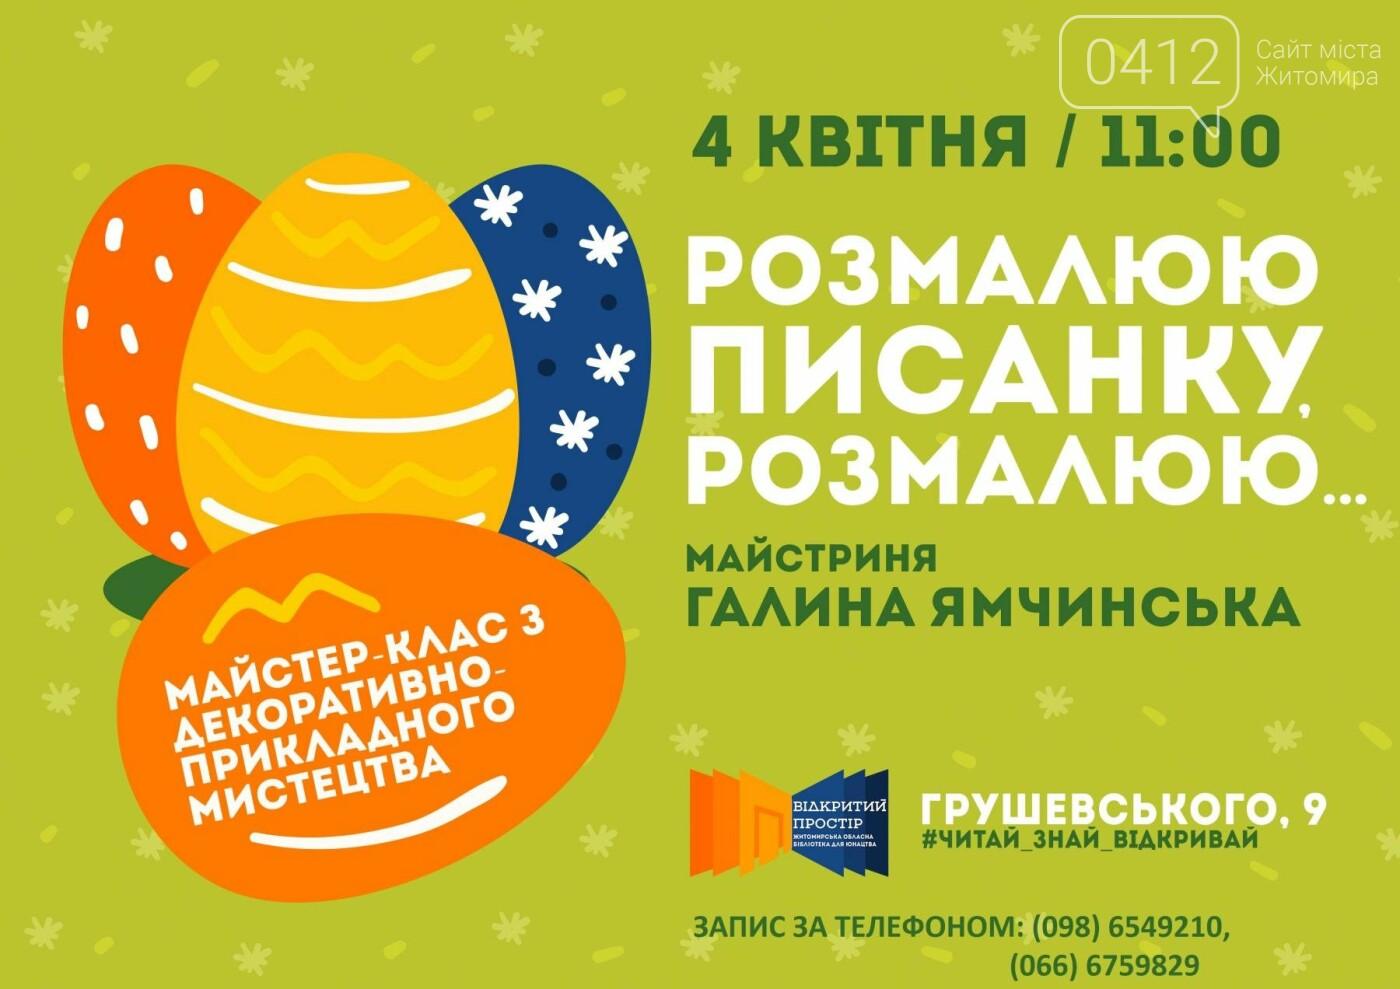 У Житомирі проведуть майстер-клас з писанкарства на підтримку хворого Євгена Дерев'янко, фото-1